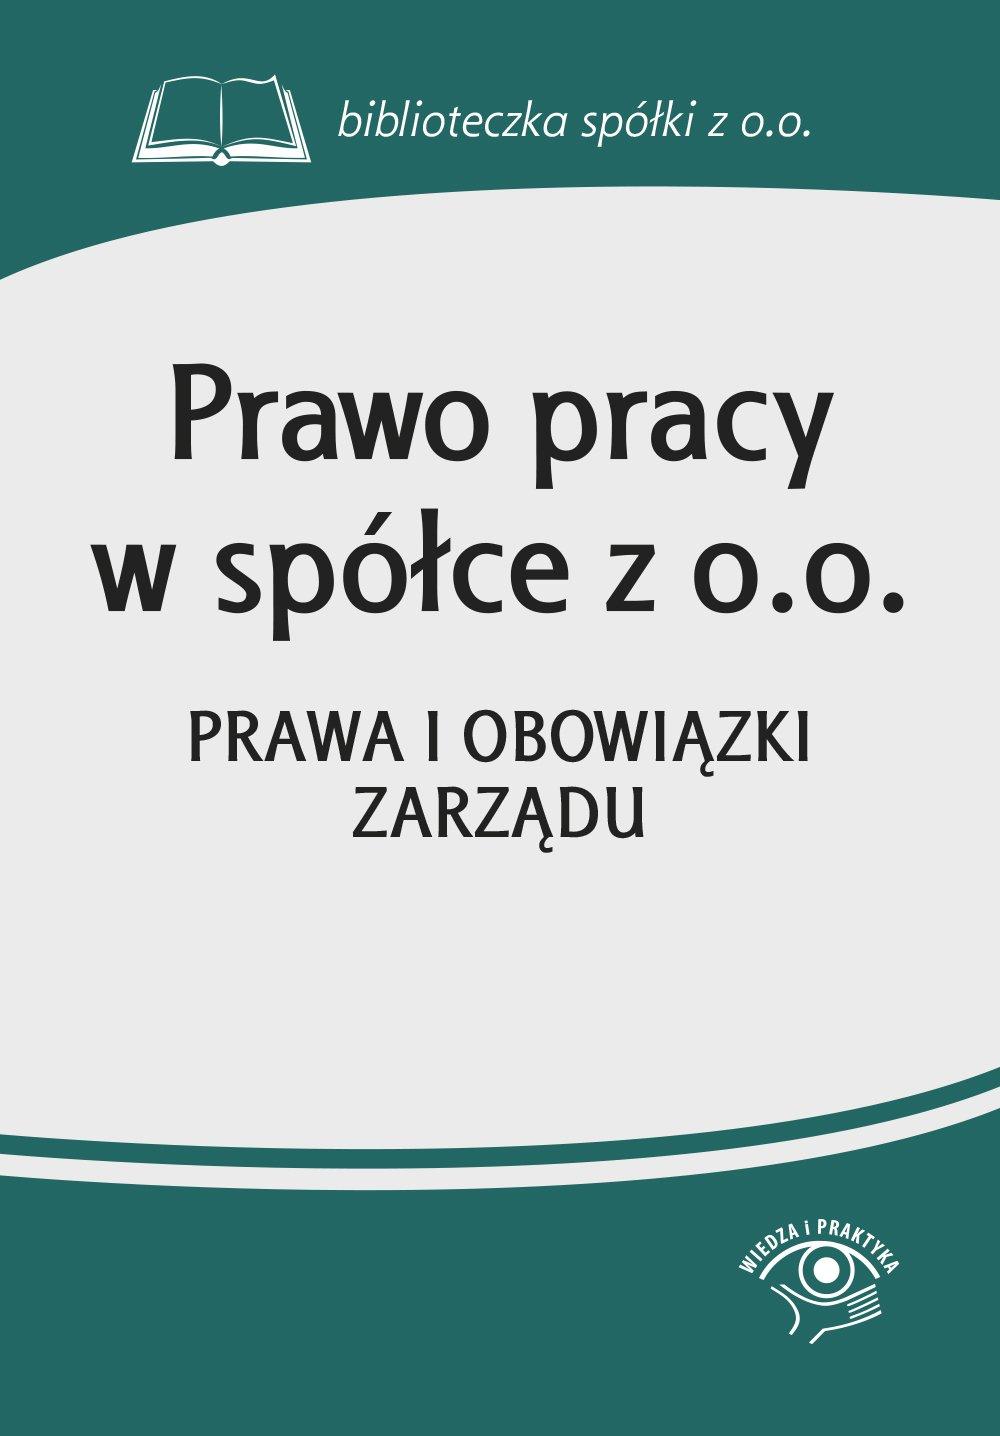 Prawo pracy w spółce z o.o. Prawa i obowiązki zarządu - Ebook (Książka PDF) do pobrania w formacie PDF